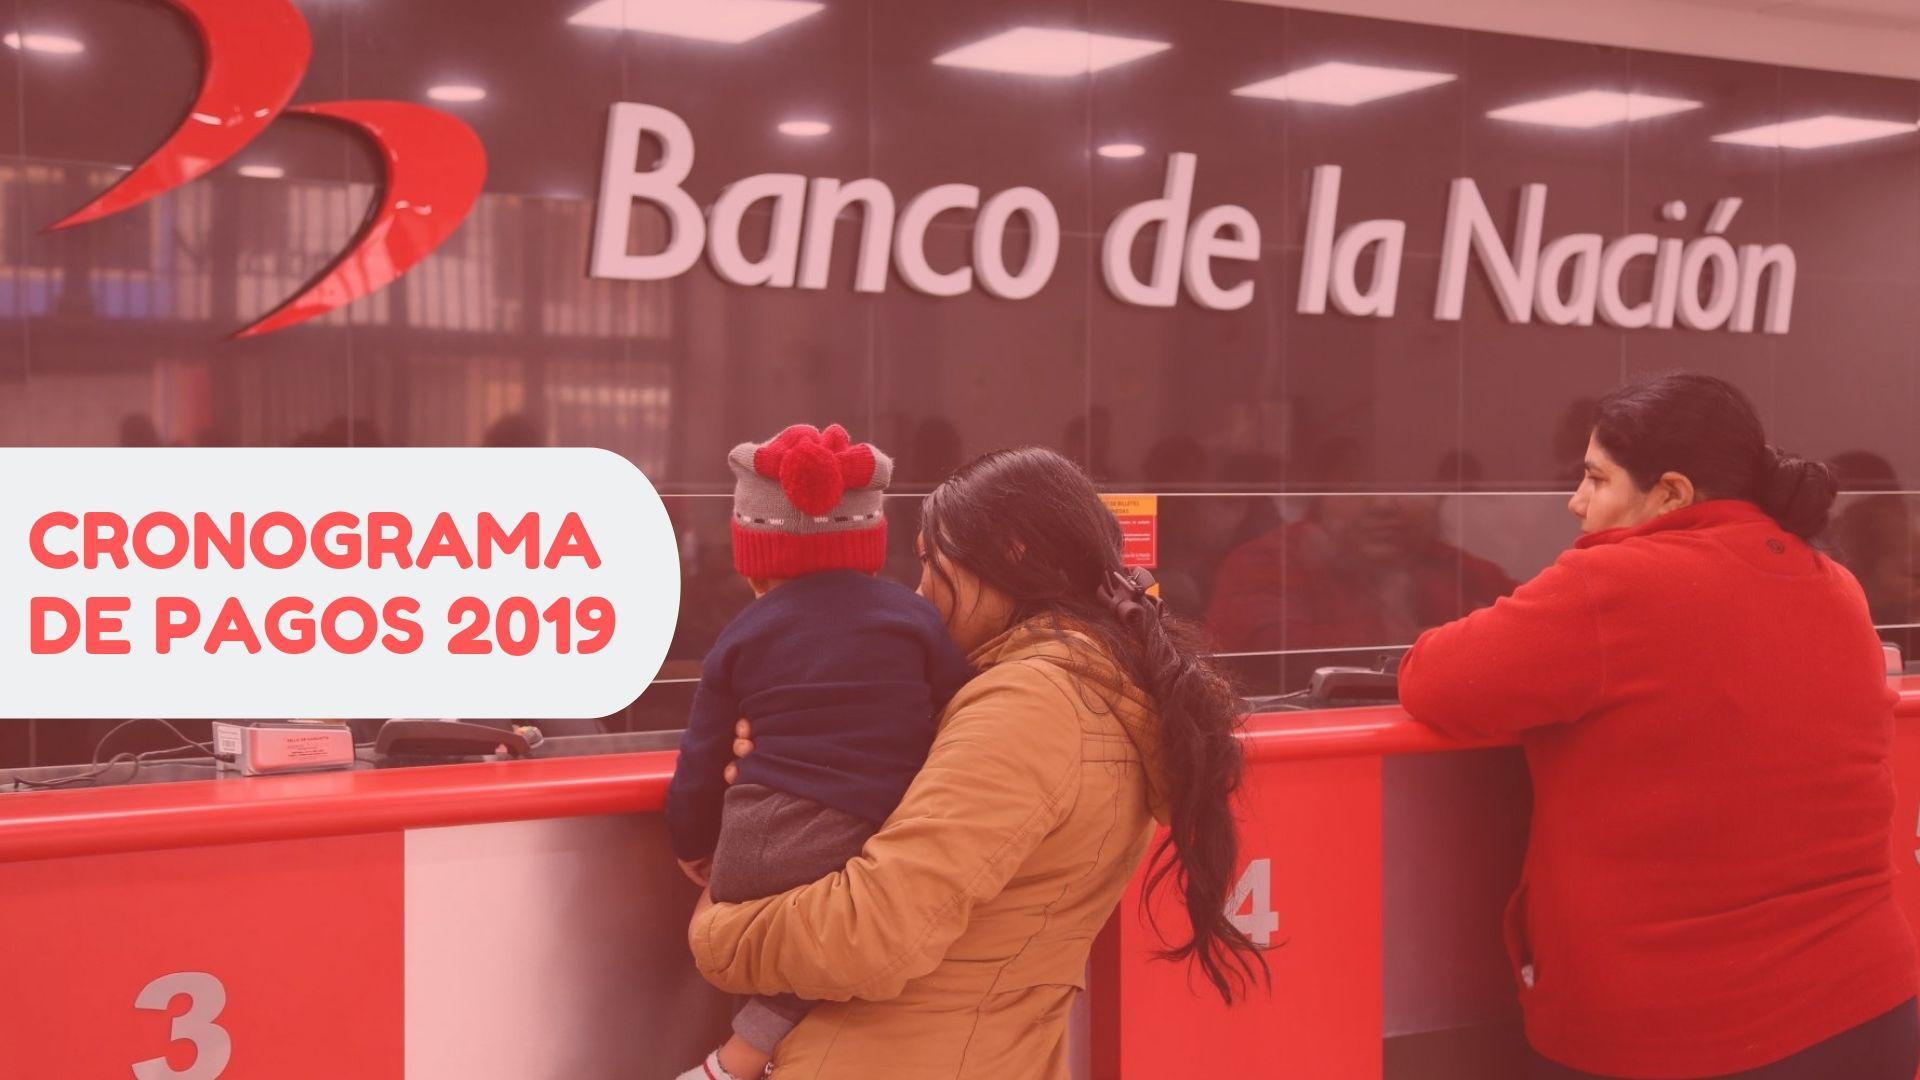 Cronograma de pagos banco de la nación 2020